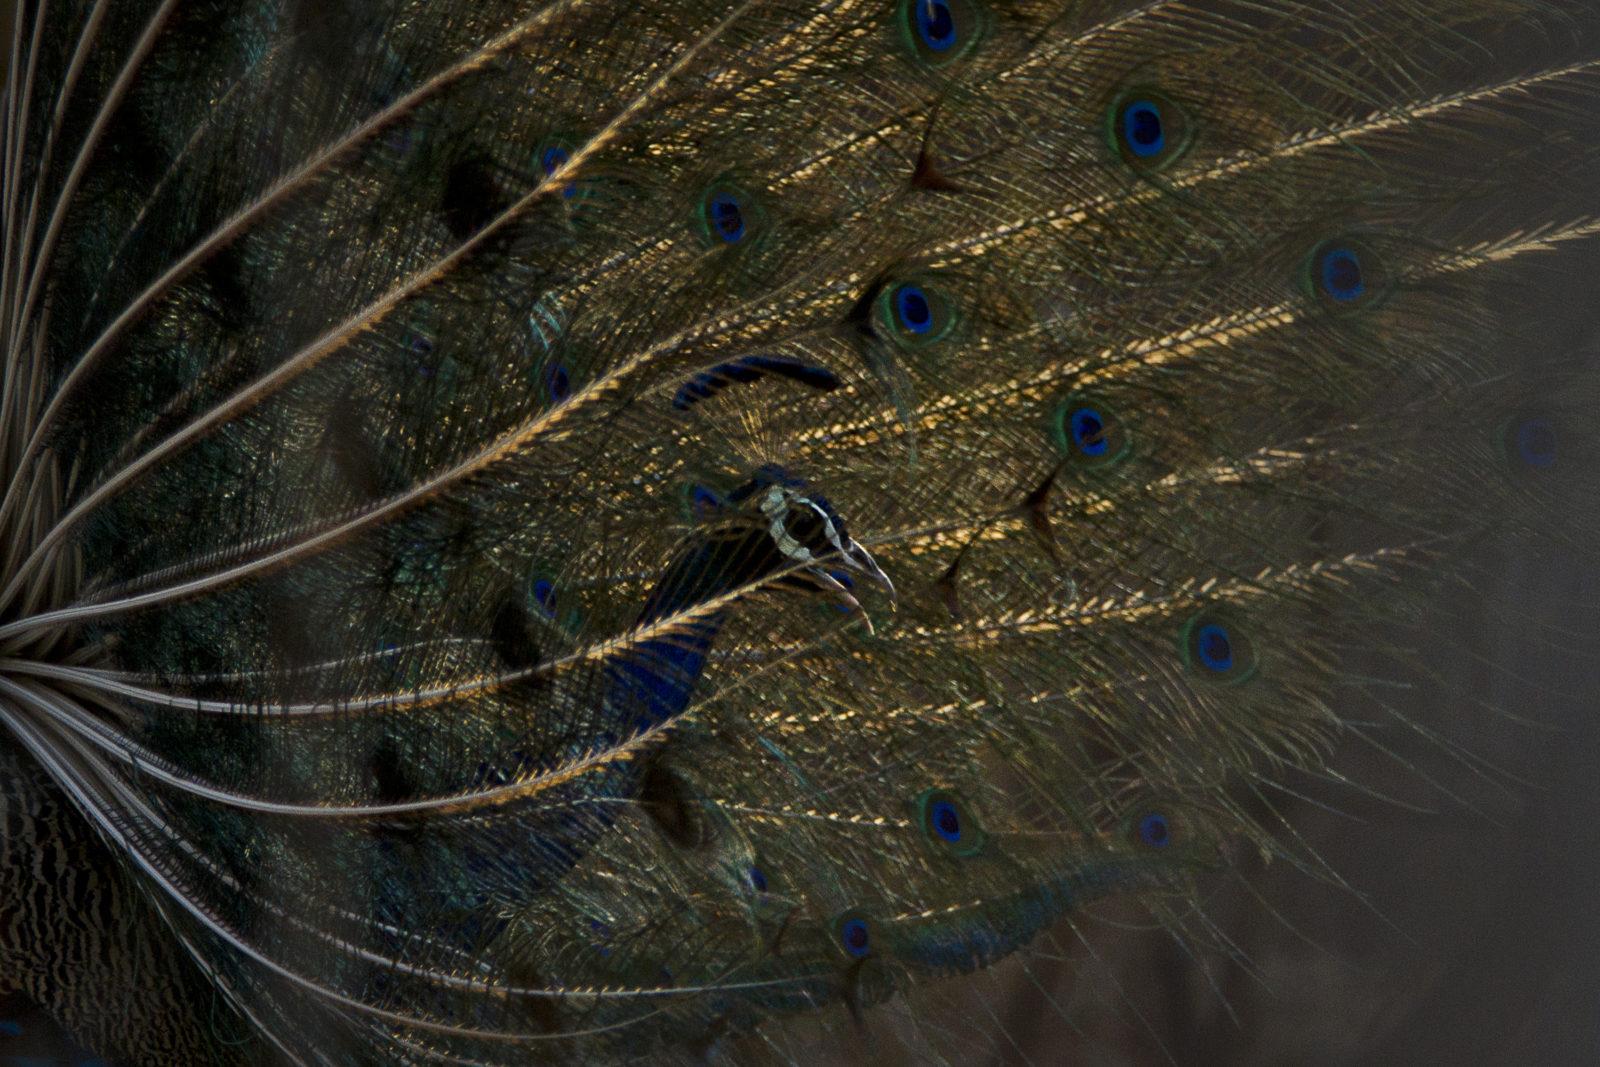 Episode 2: The Peacock